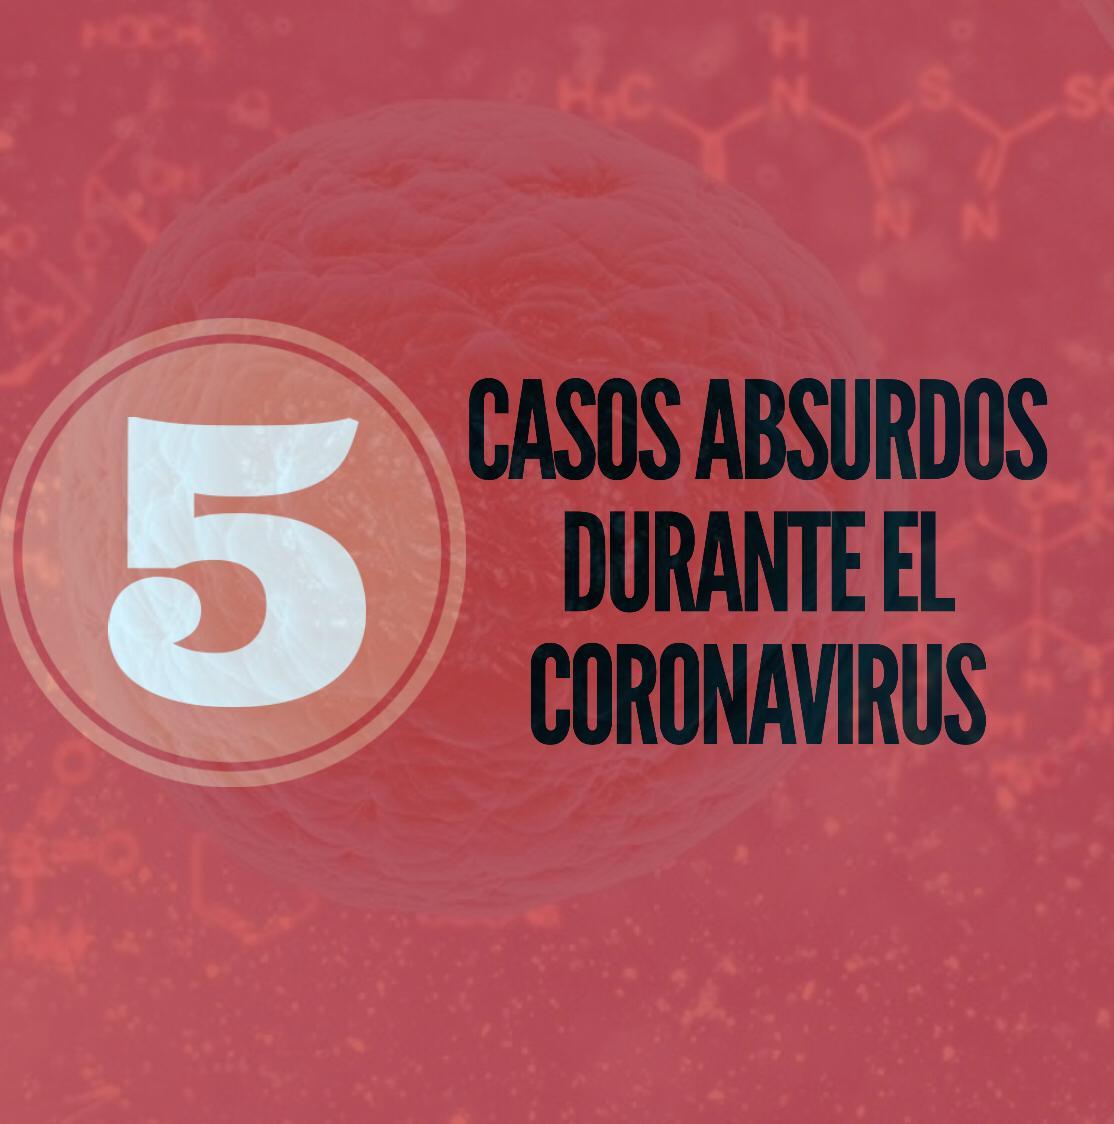 Casos absurdos durante el Coronavirus